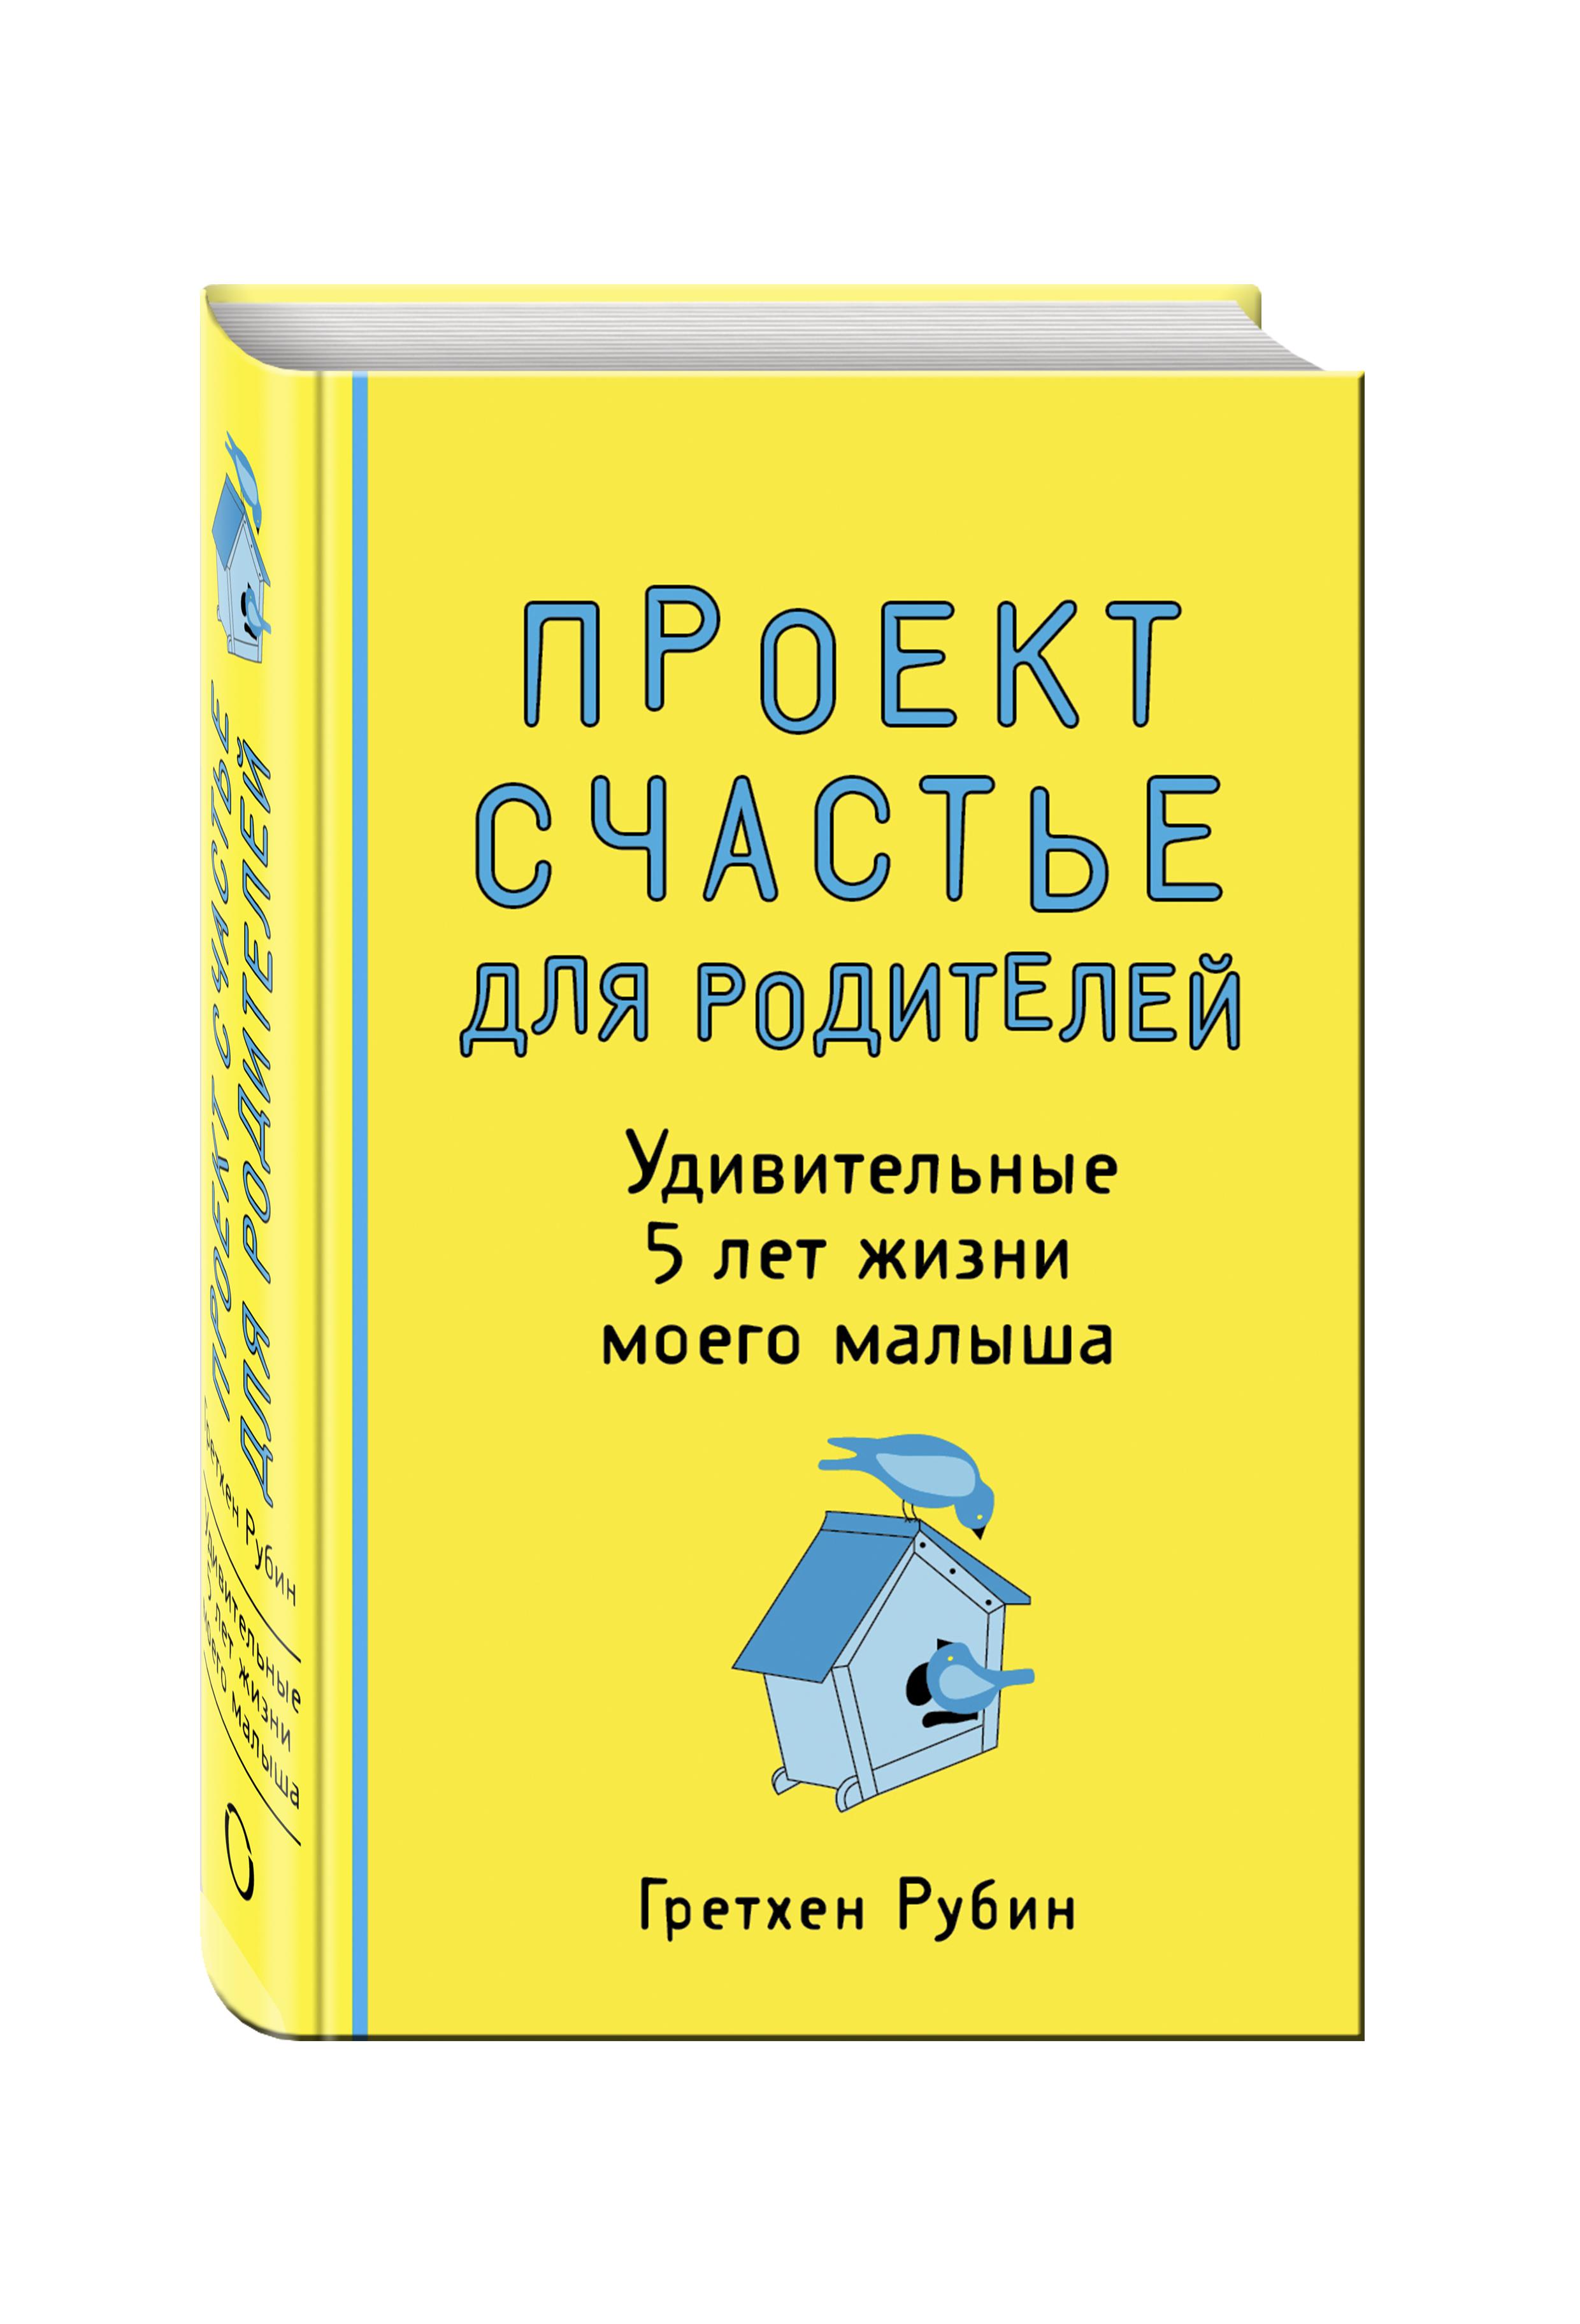 Рубин Г. Проект Счастье для родителей. Удивительные 5 лет жизни моего малыша ISBN: 978-5-699-84707-5 гретхен рубин проект счастье для родителей удивительные 5 лет жизни моего малыша